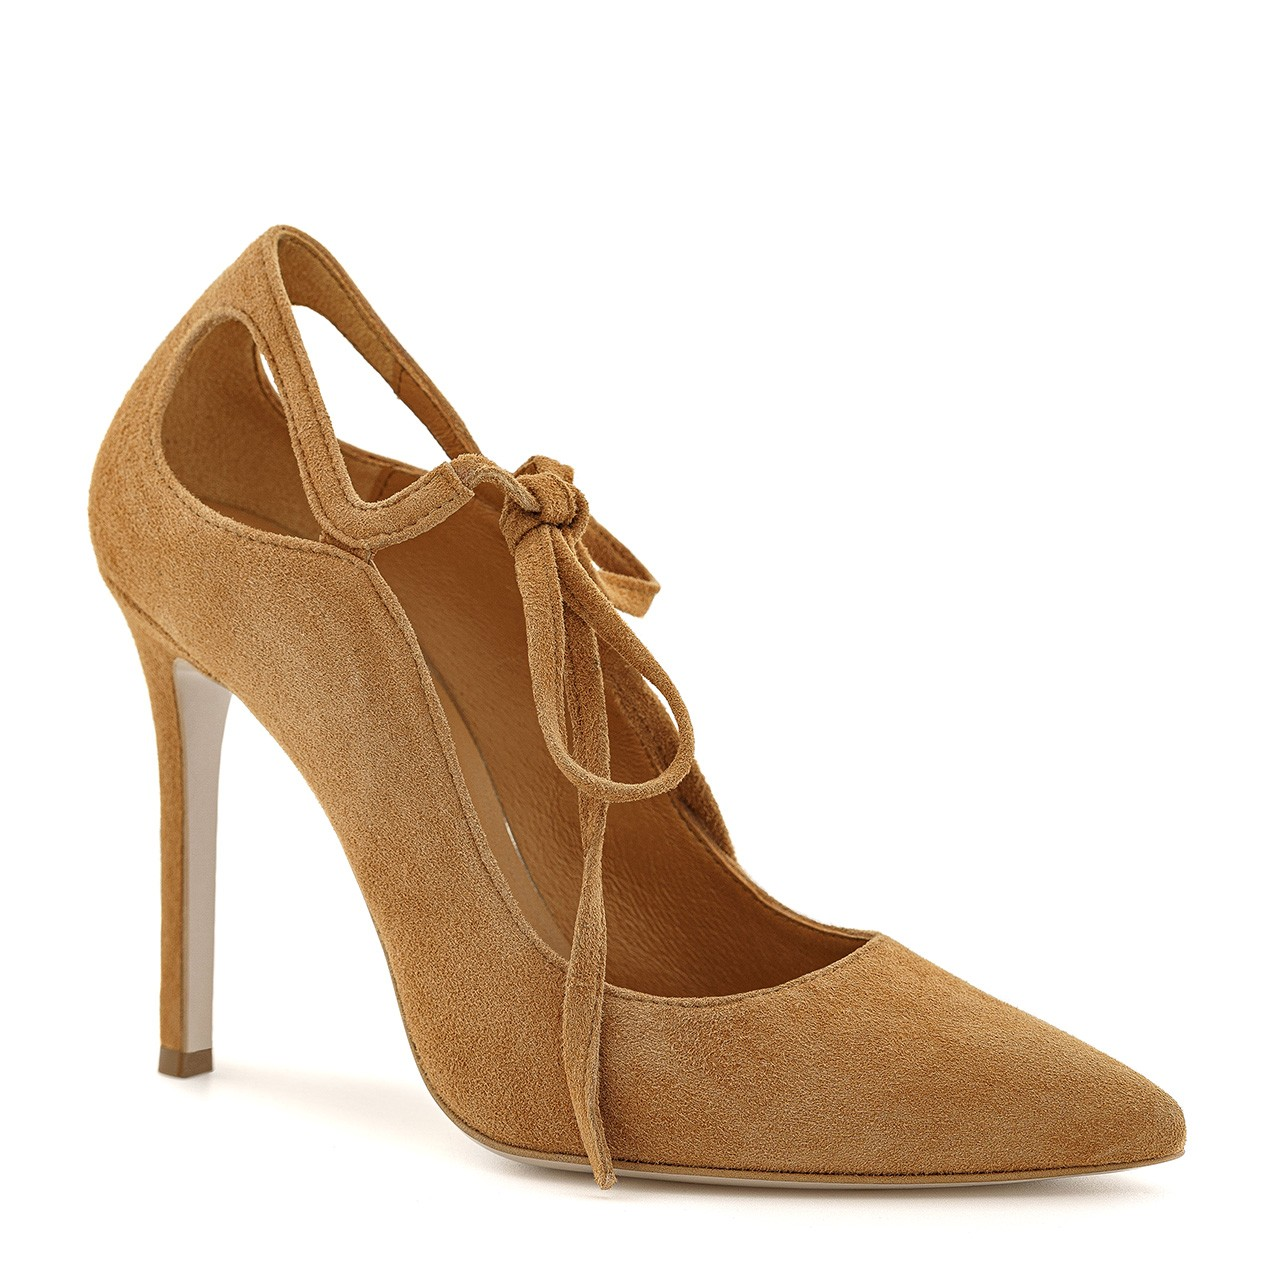 Zamszowe buty na wysokim obcasie w kolorze toffi z wiązaniem przy kostce